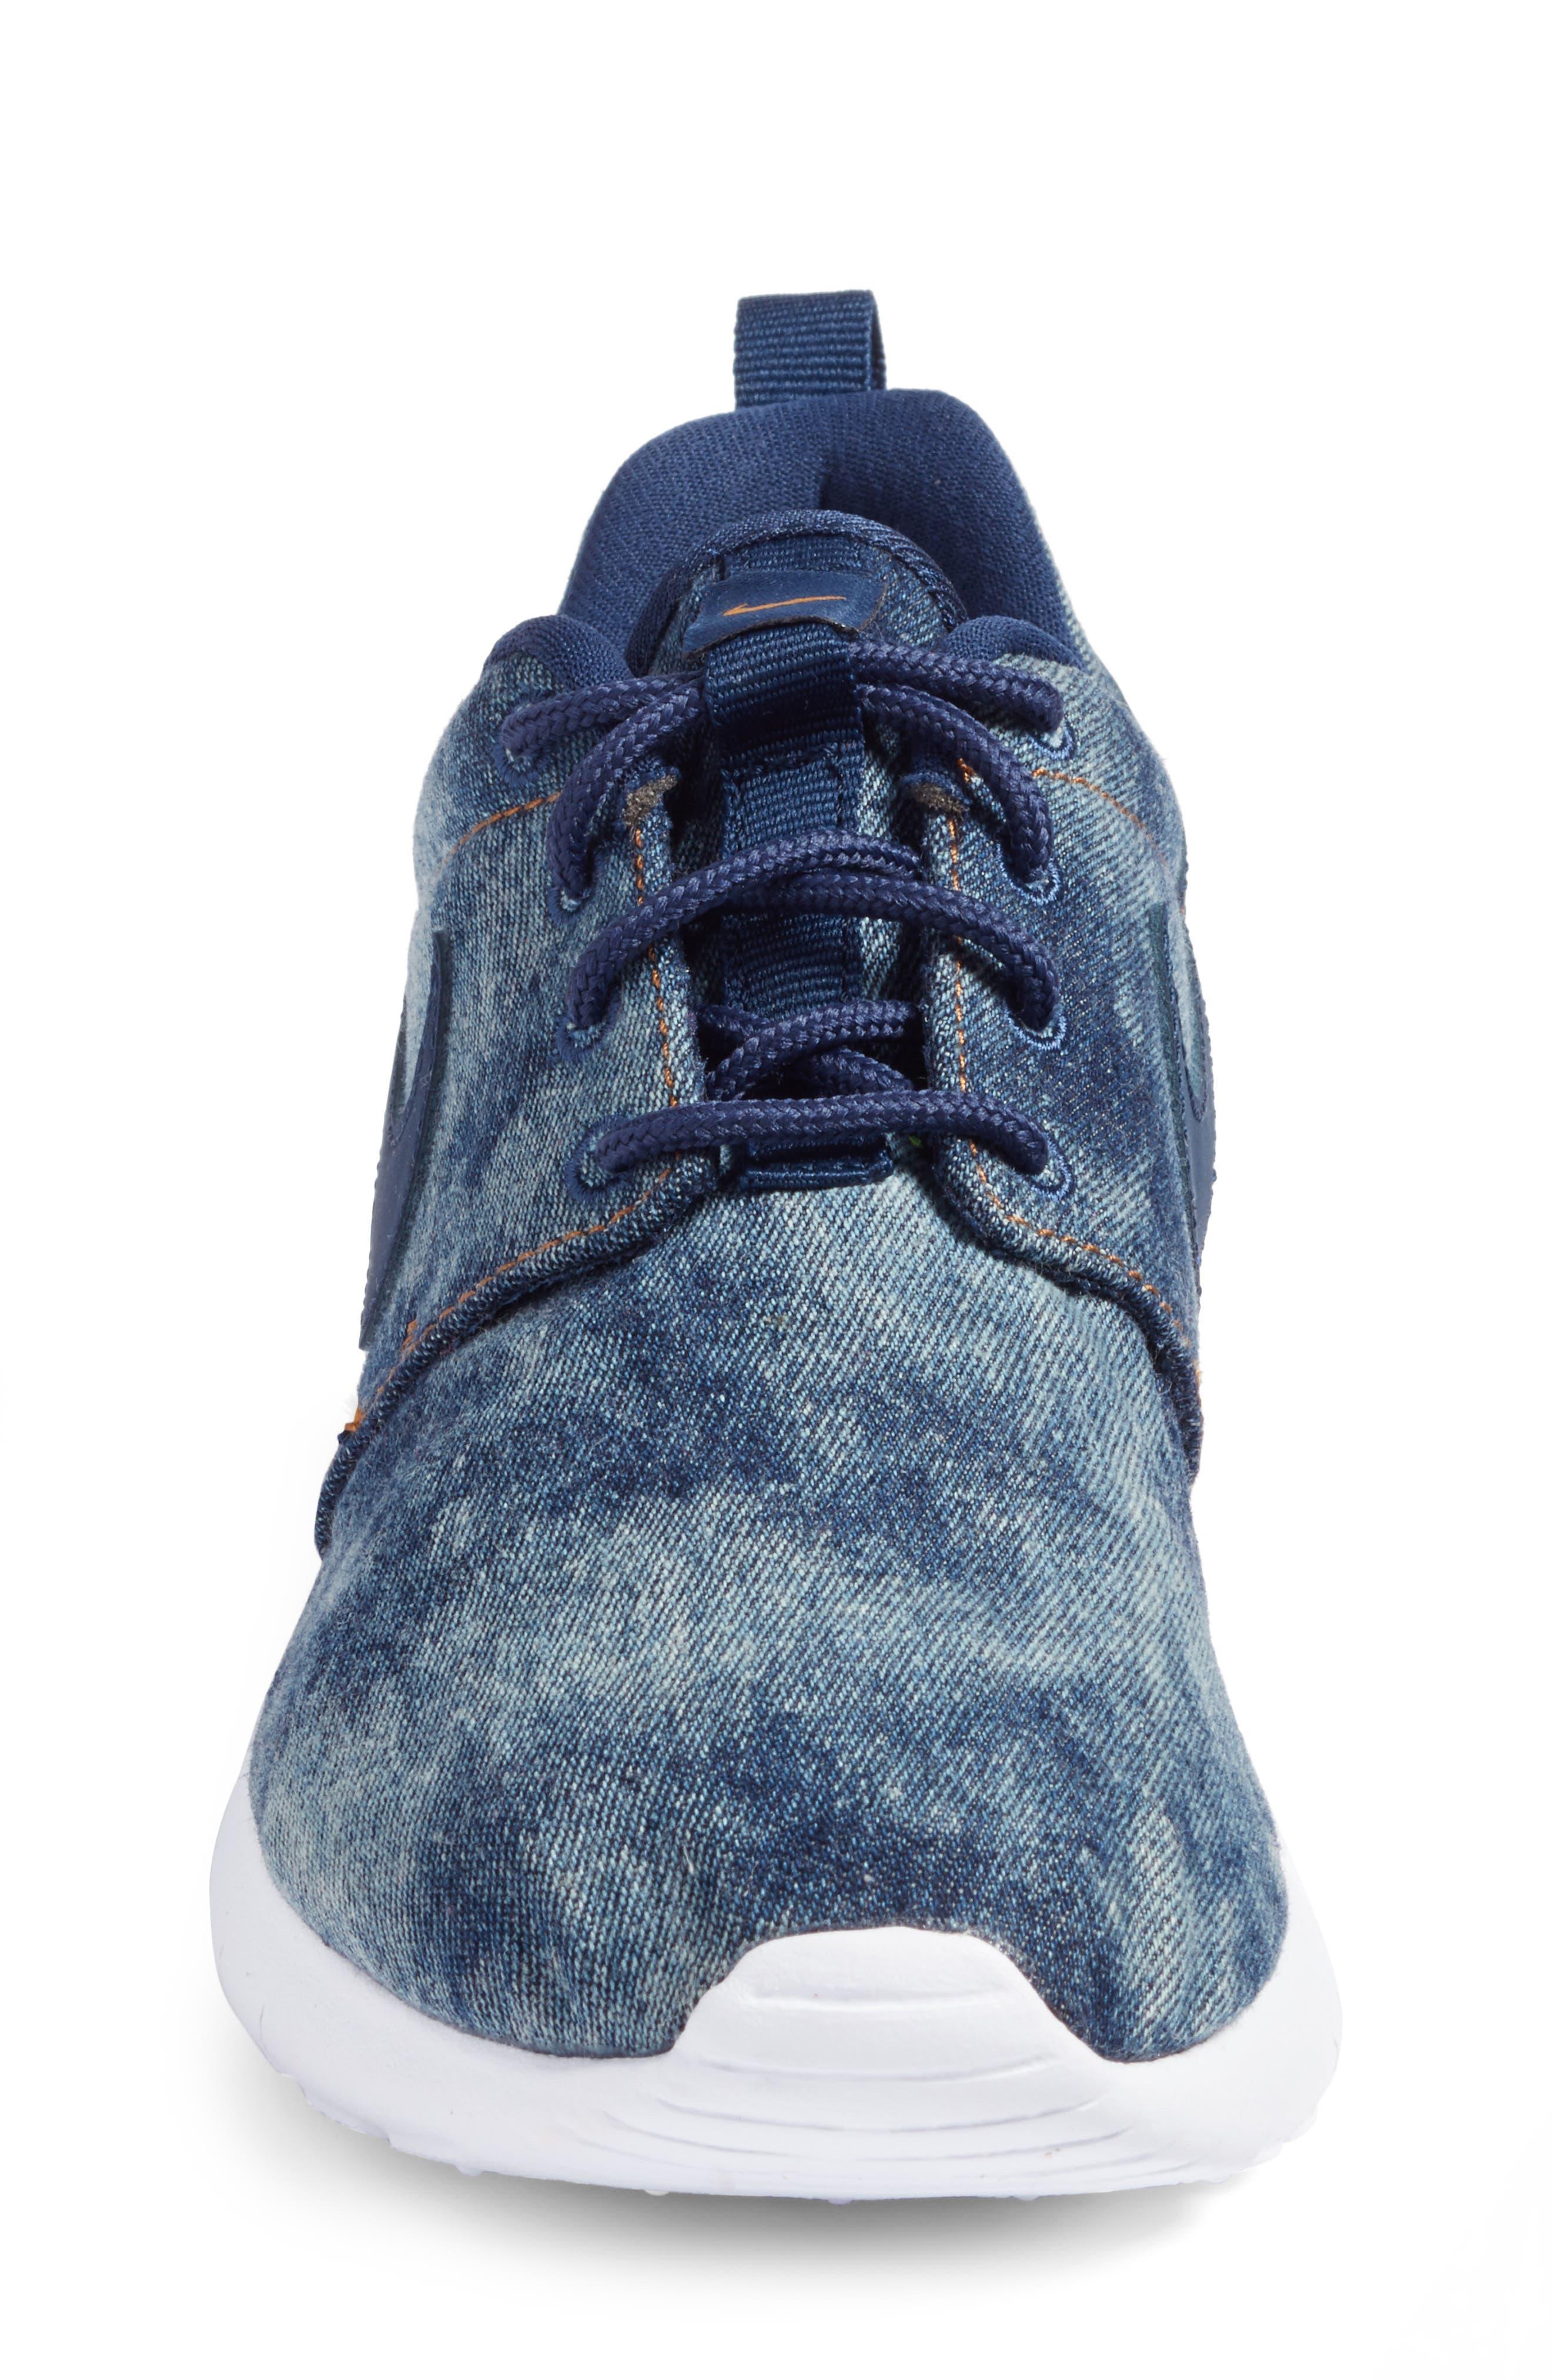 Roshe One SE Sneaker,                             Alternate thumbnail 4, color,                             400